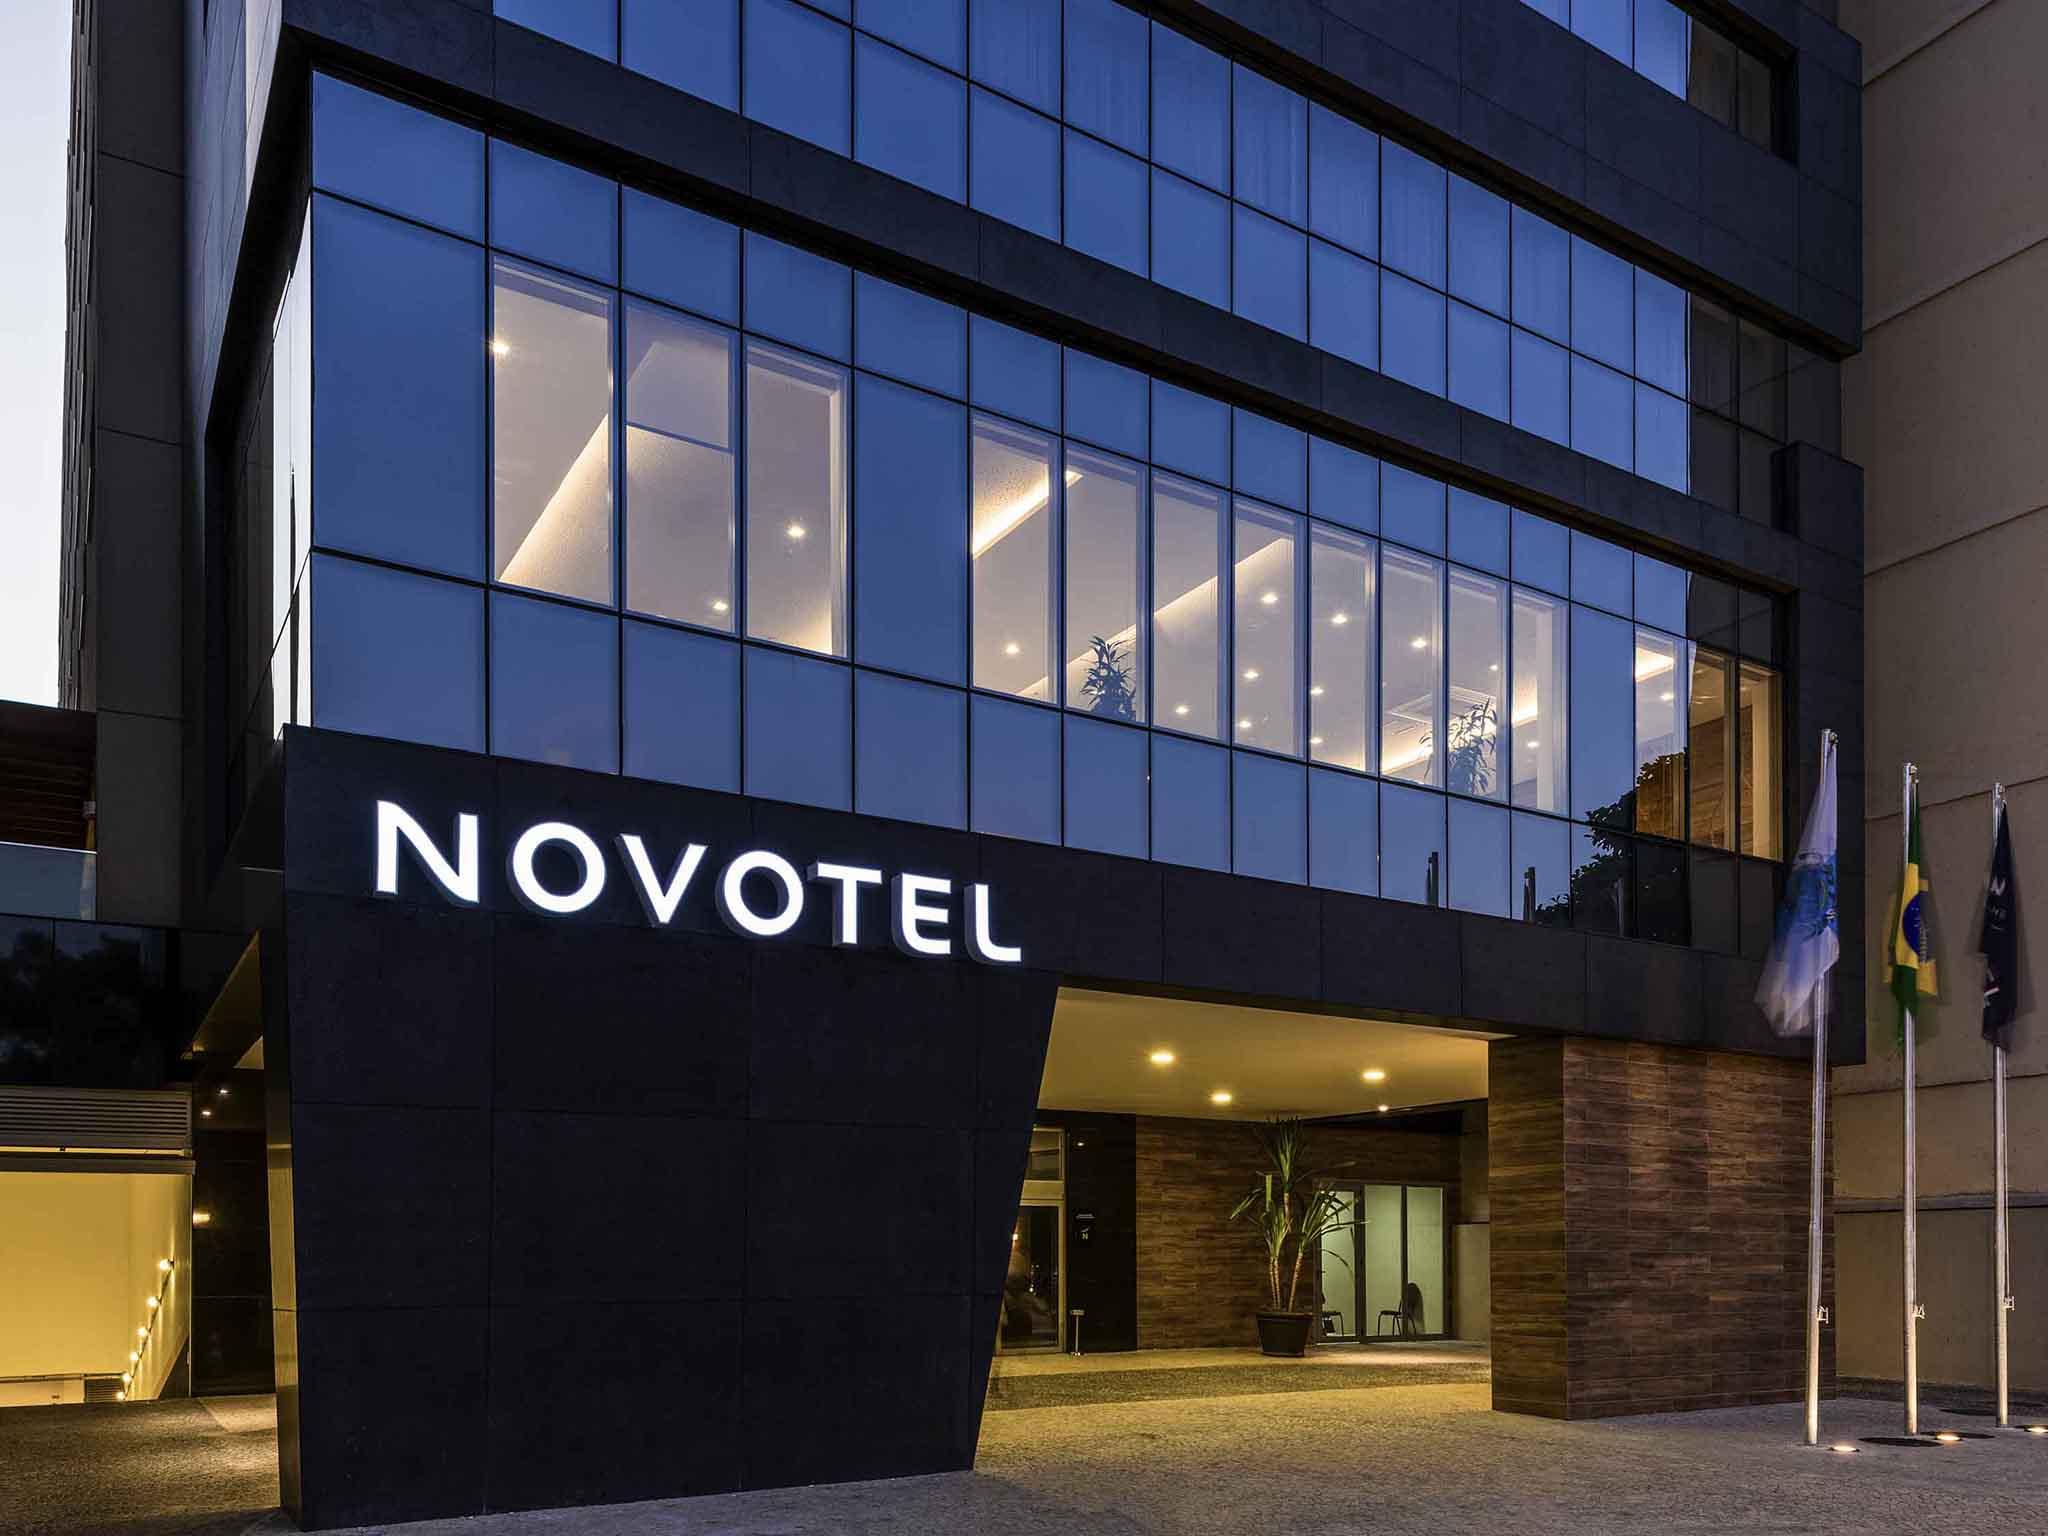 فندق - Novotel RJ Praia de Botafogo